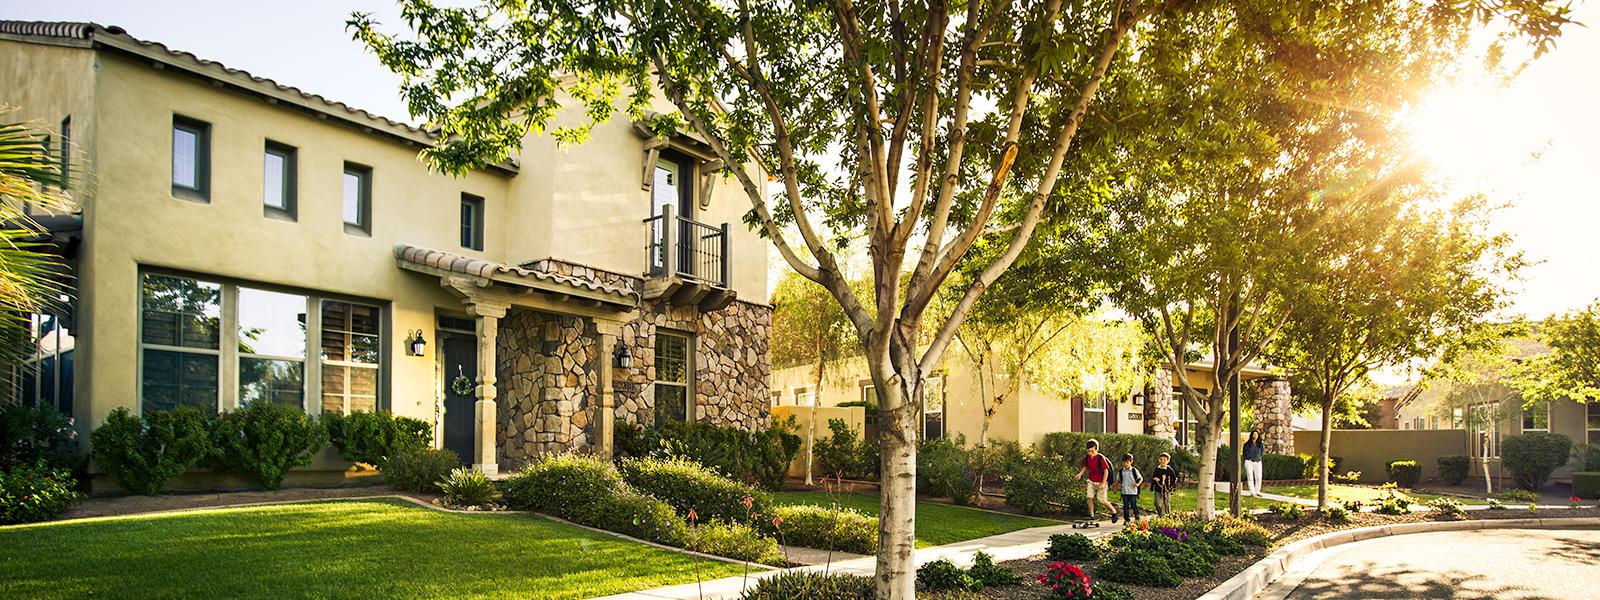 Marley Park Model Homes